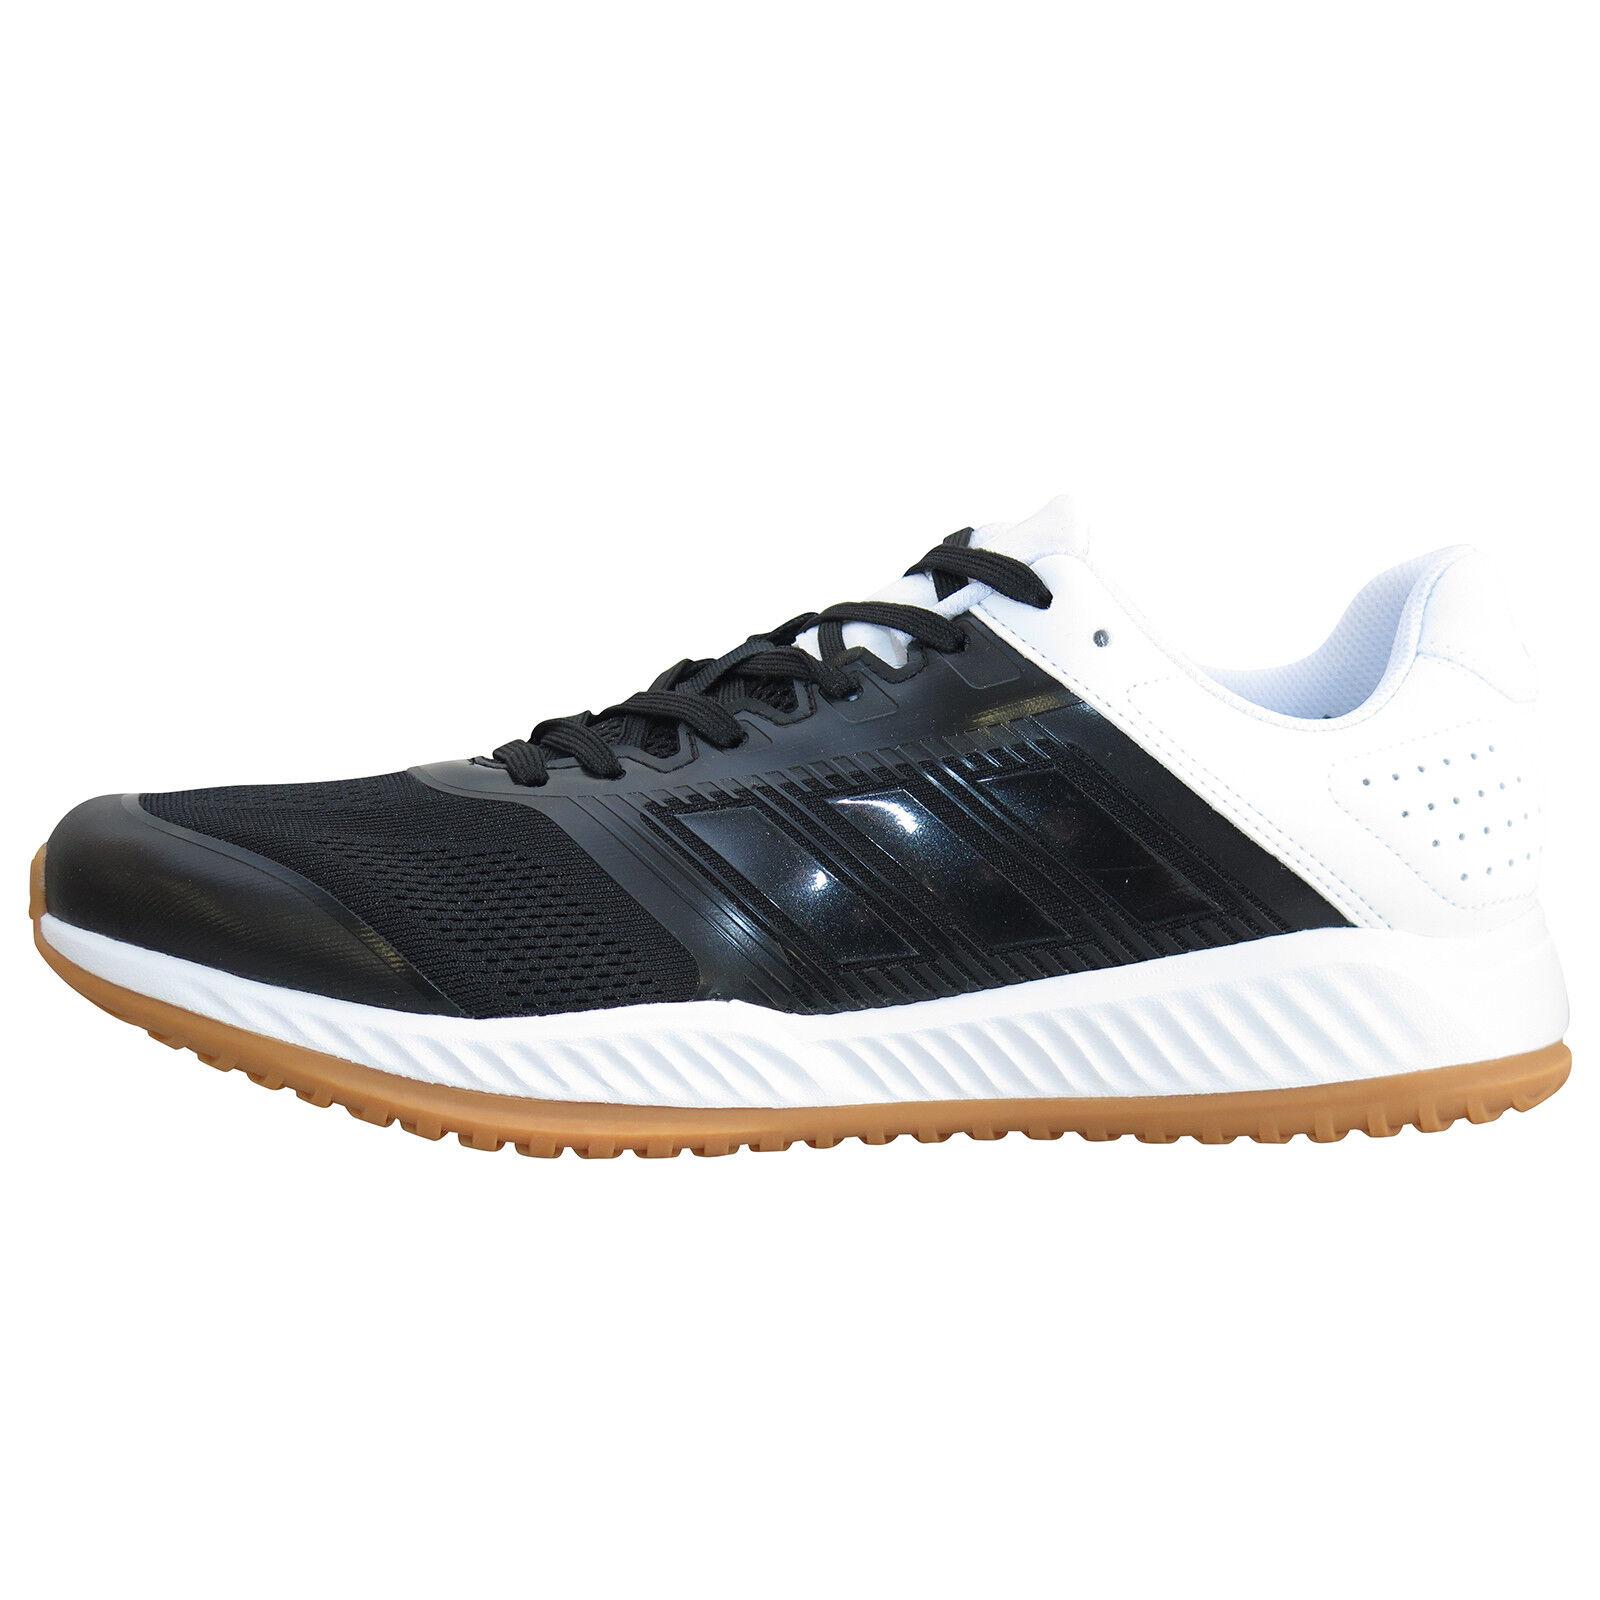 Adidas zg Bounce m señores zapatos de entrenamiento ba8939